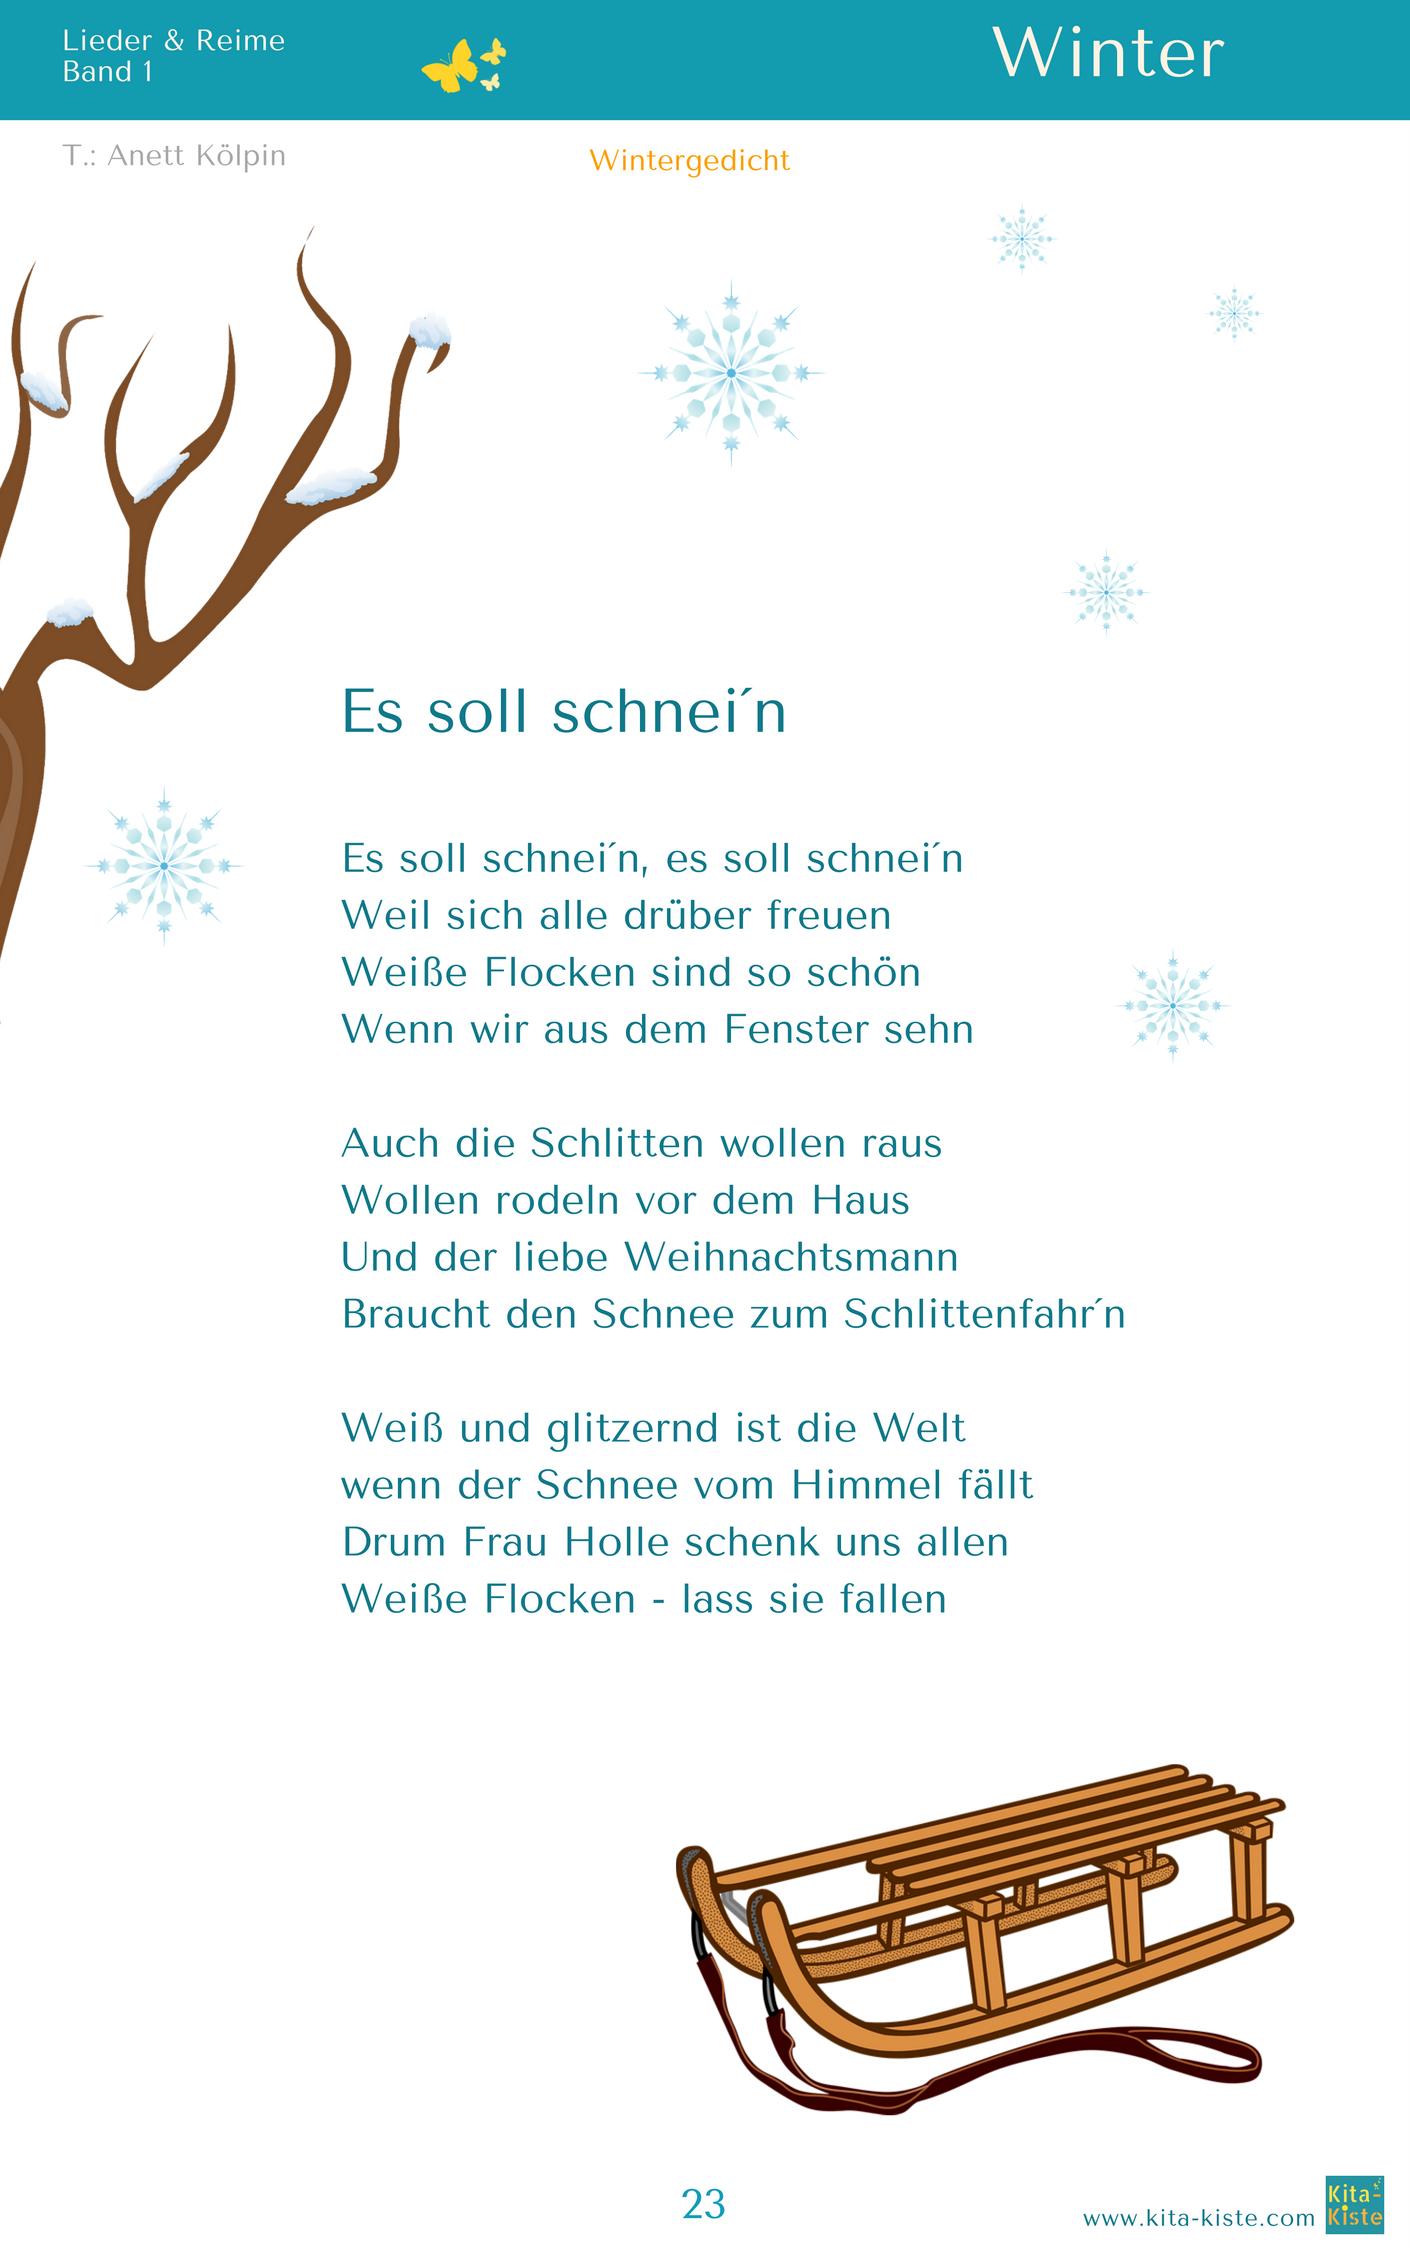 Es Soll Schnei N Winter Gedicht Aus Lieder Reime 1 Www Kitakiste Jimdo Com Winterfensterdekokinder Es Soll Schn In 2020 Gedicht Weihnachten Gedichte Reime